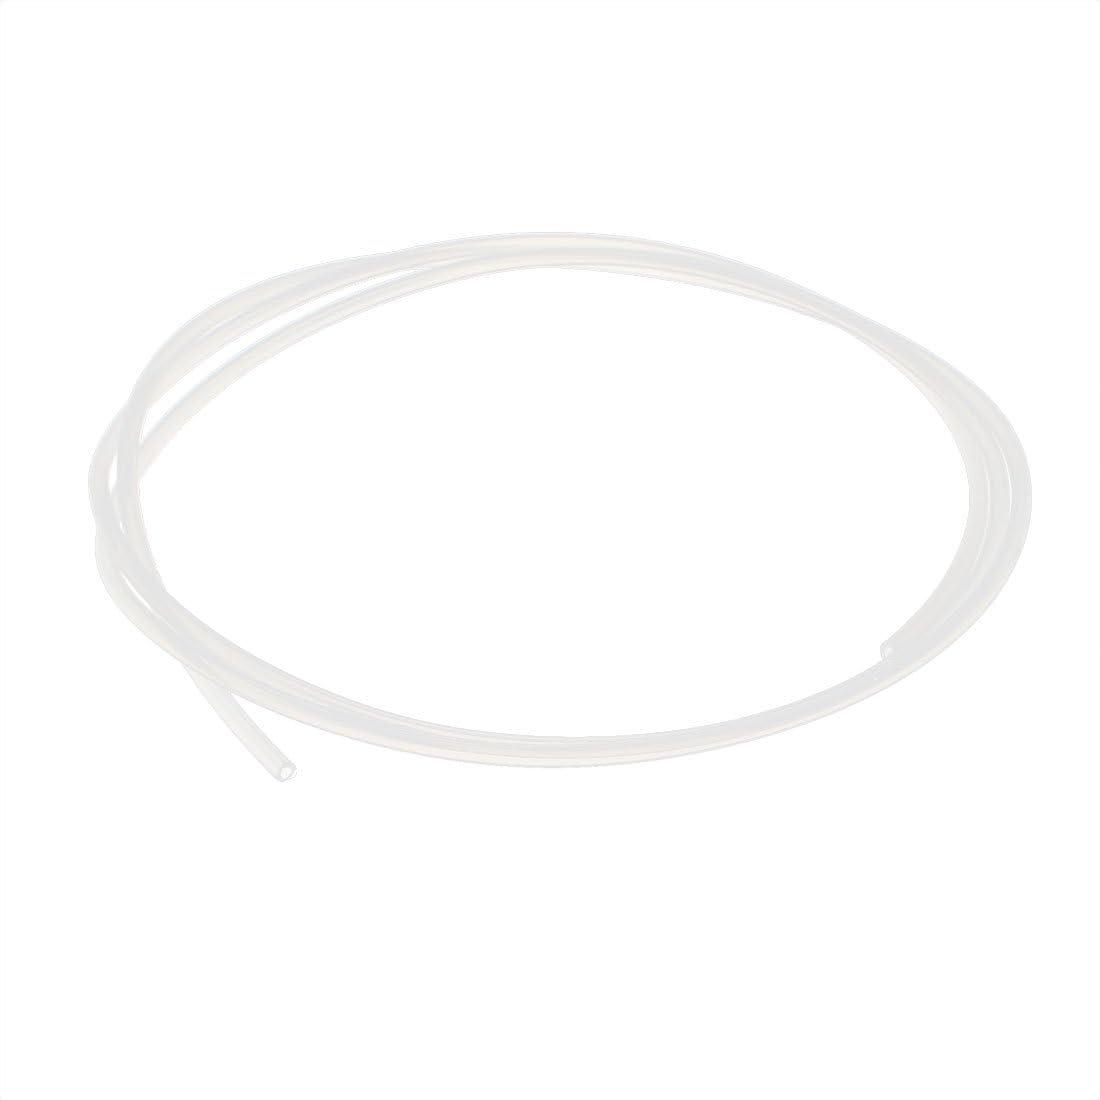 sourcingmap/® 3mm x 5mm tube PTFE Tube Tube 2 m/ètres 6,56ft pour RepRap imprimante 3D